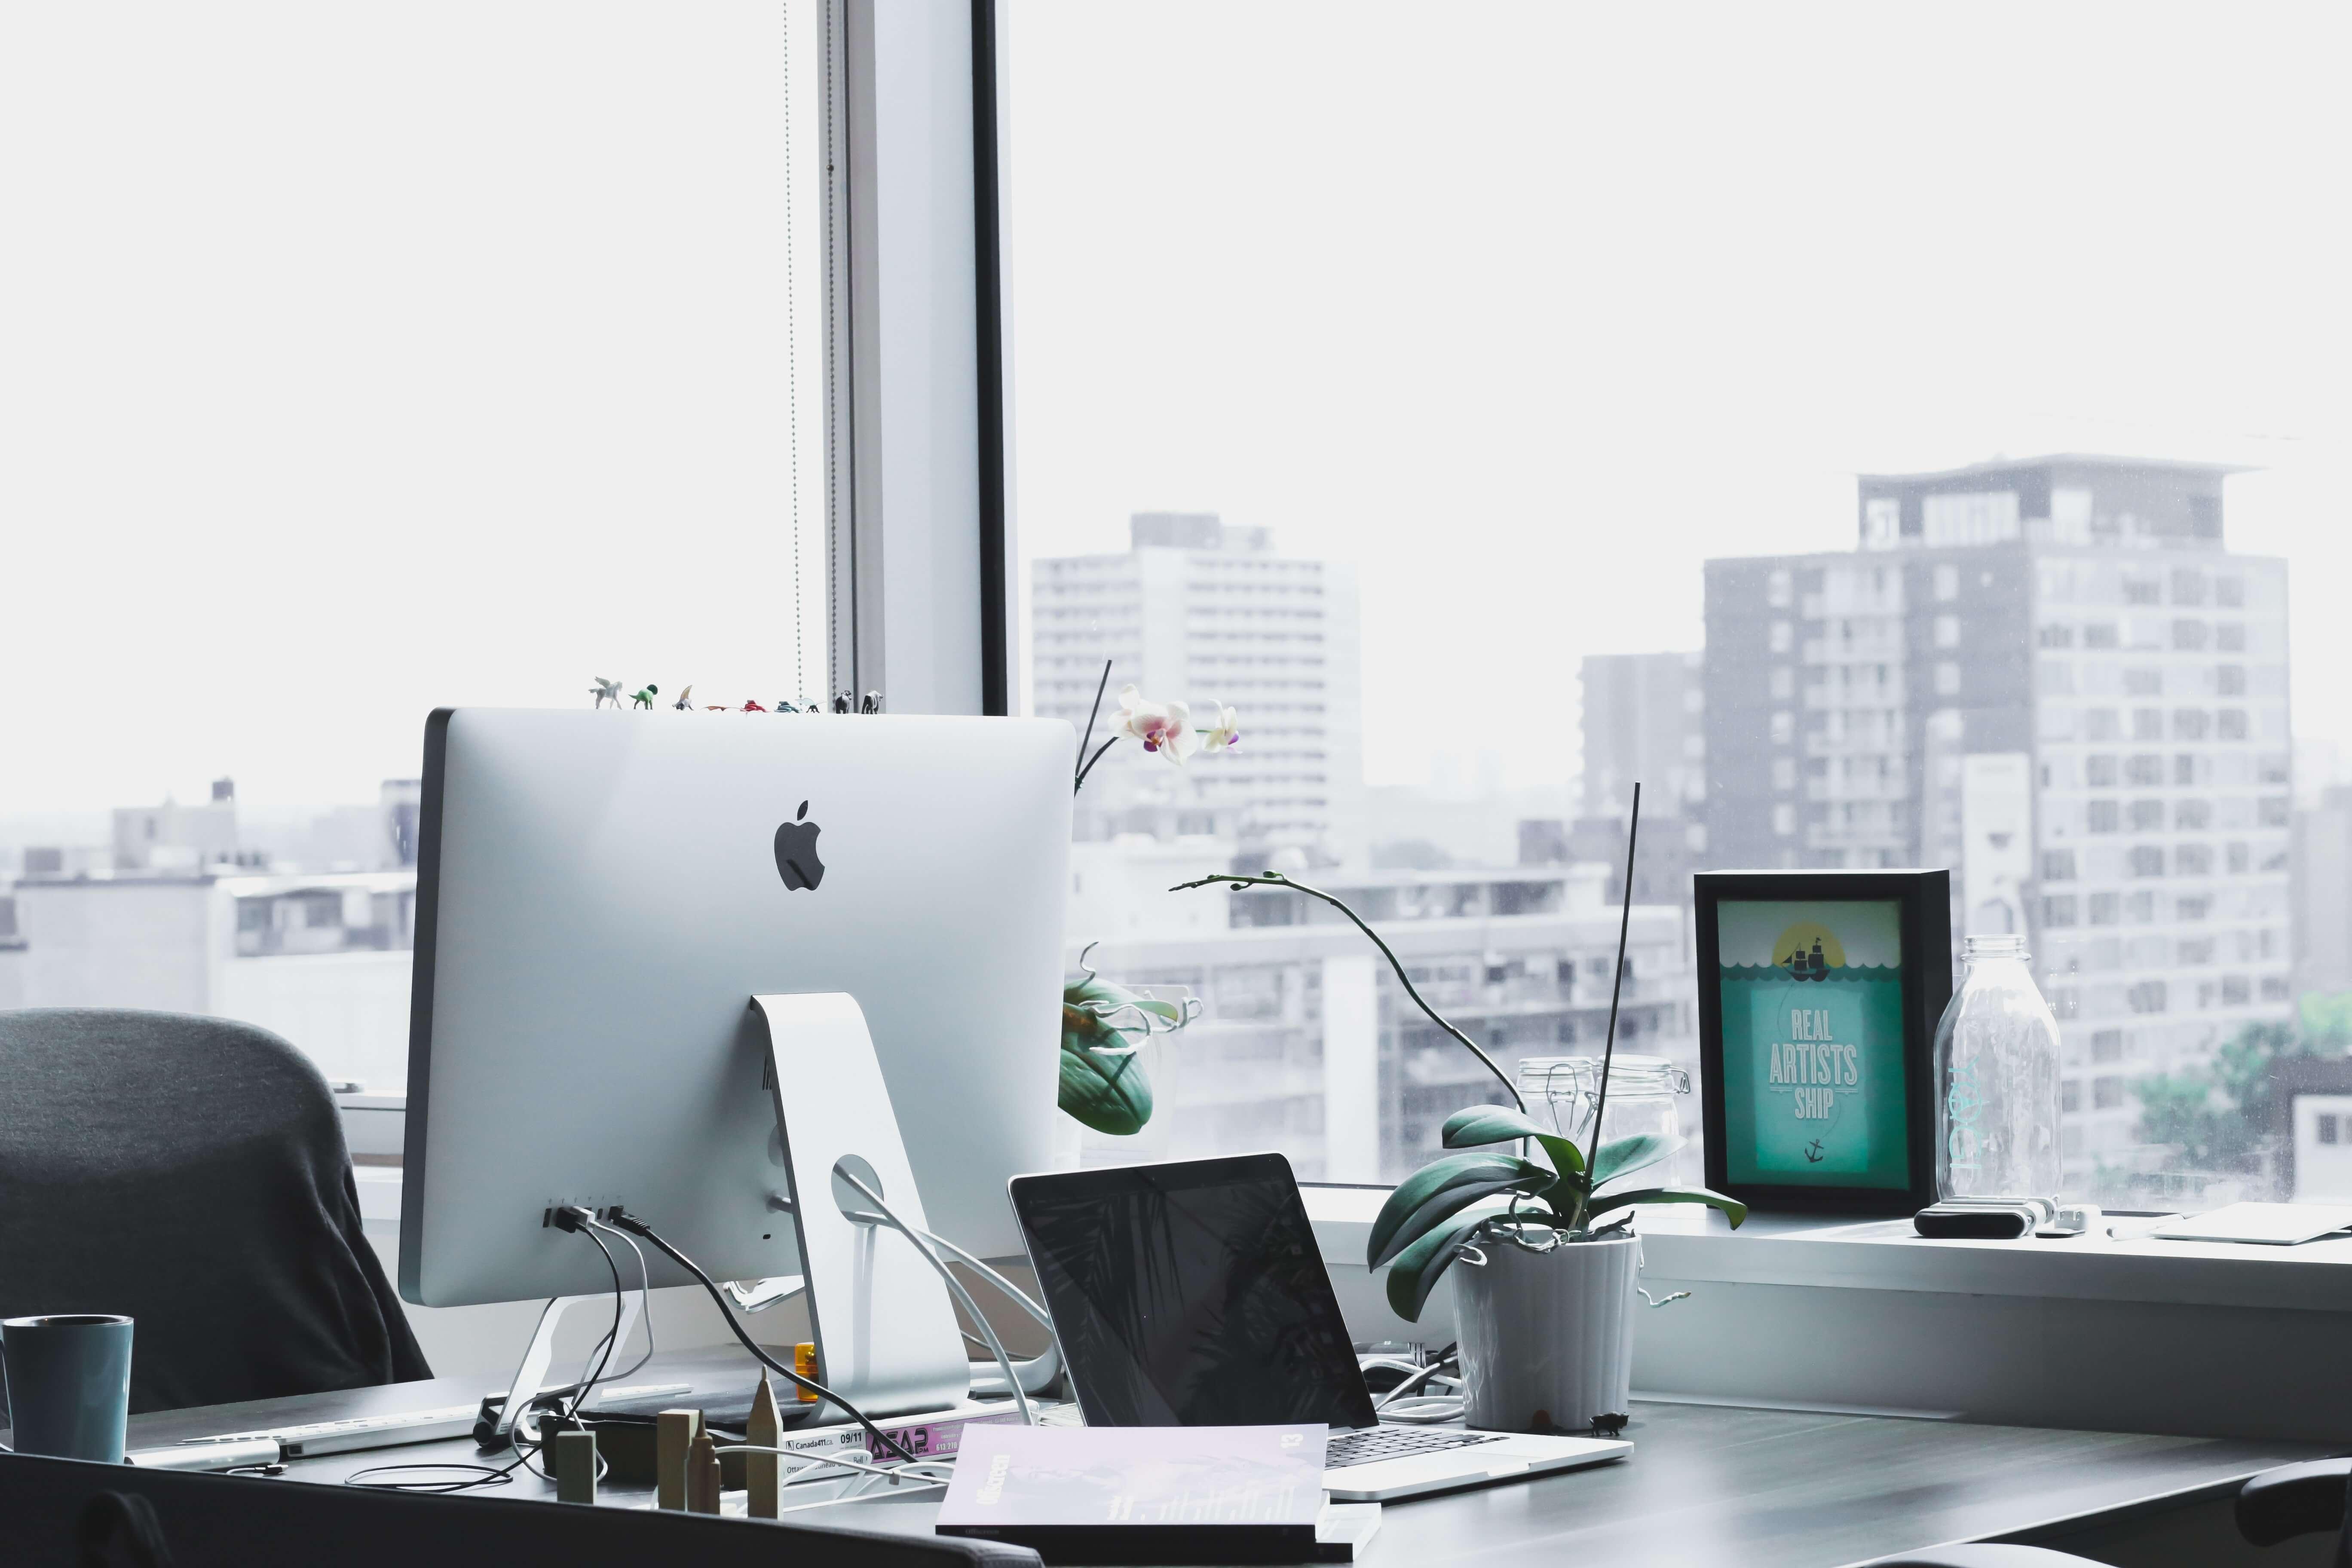 Unternehmensbewertung – Multiplikatorverfahren